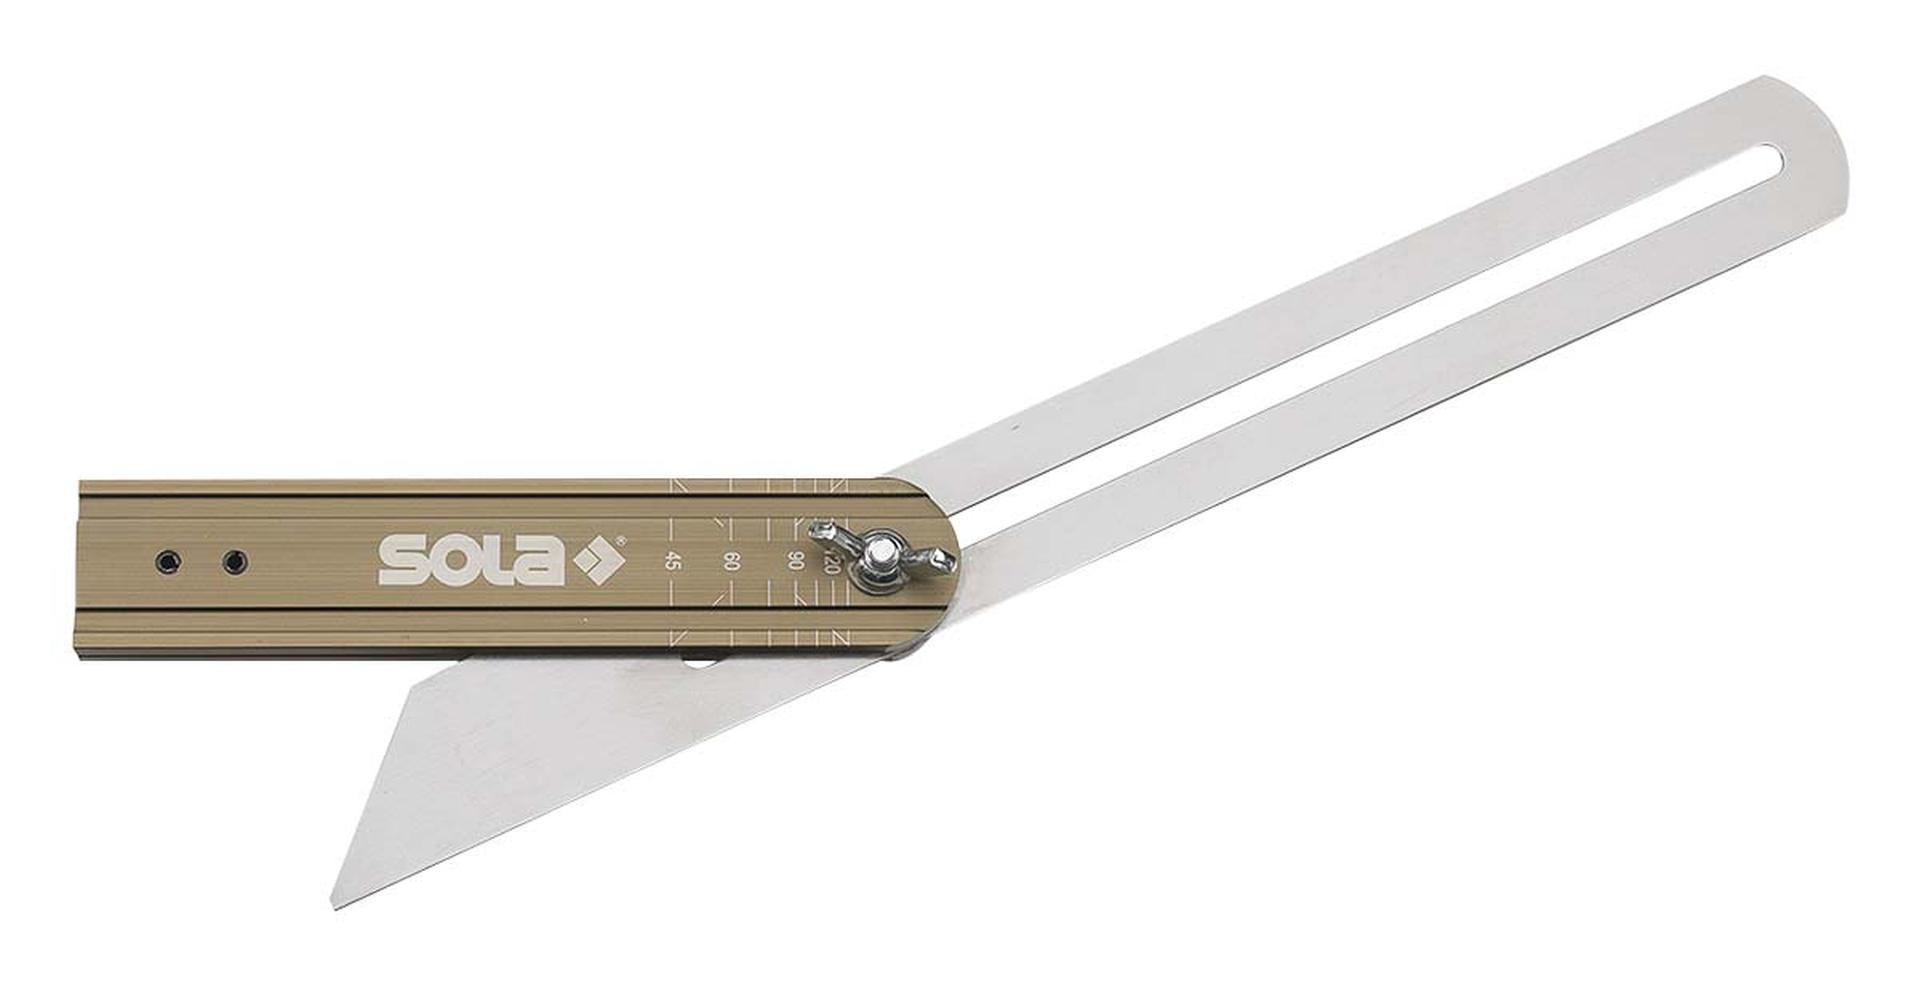 SOLA Schmiege, VSTG 300, mit Gradanzeige, Länge 300 mm